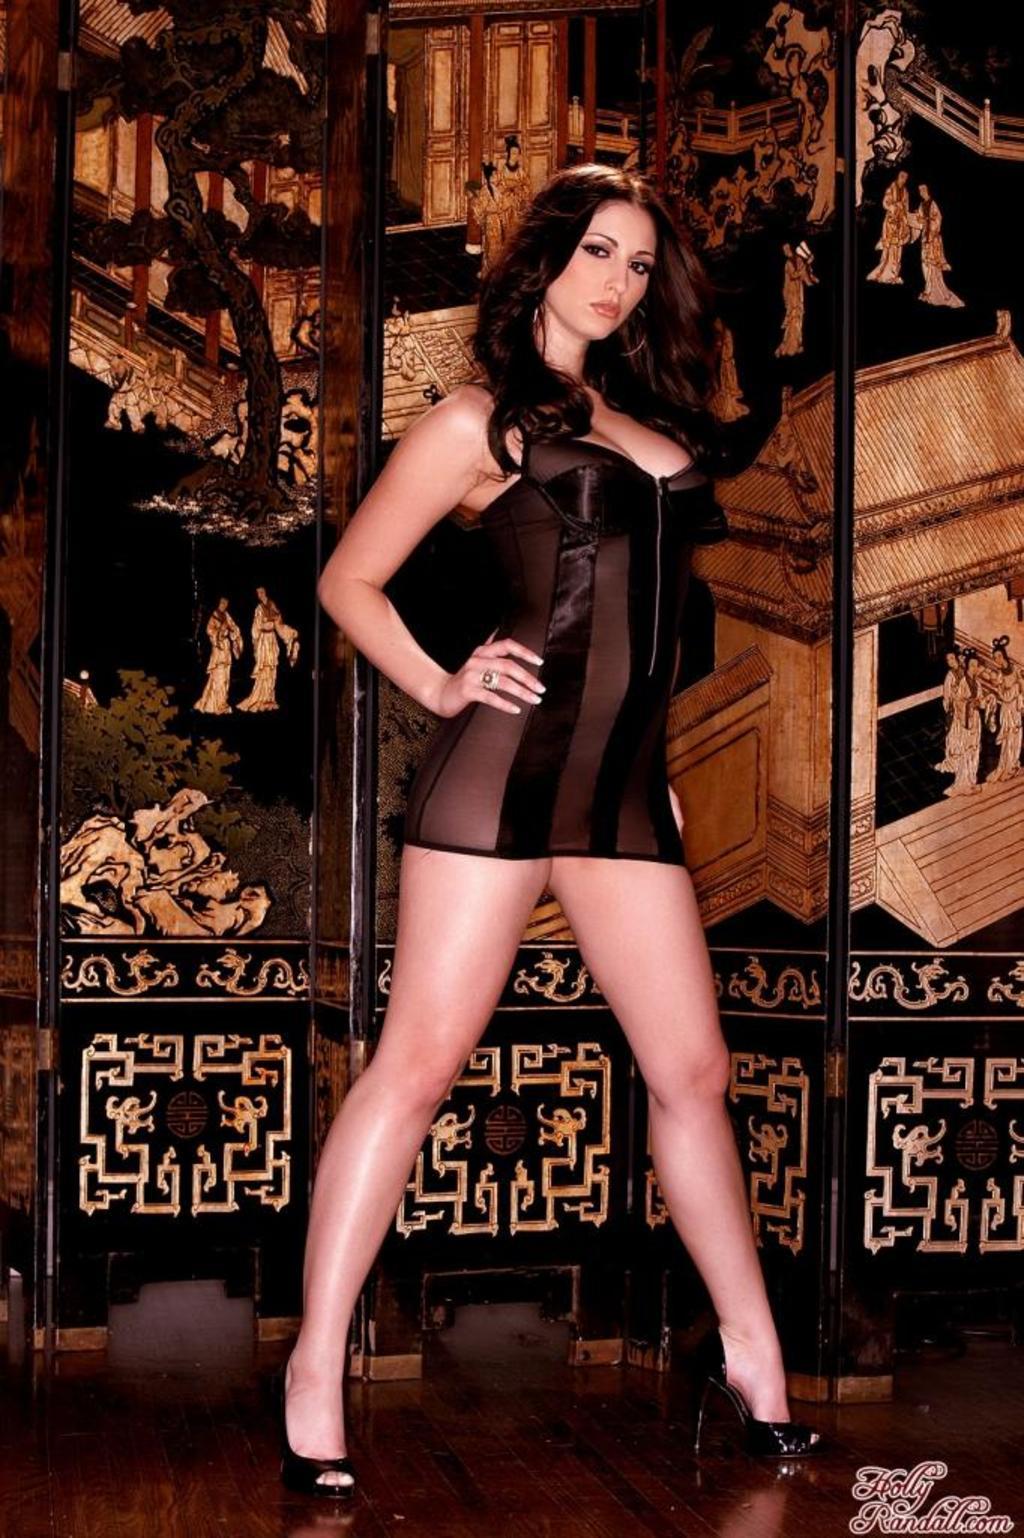 Carlotta Champagne Hot Nude Babe 00